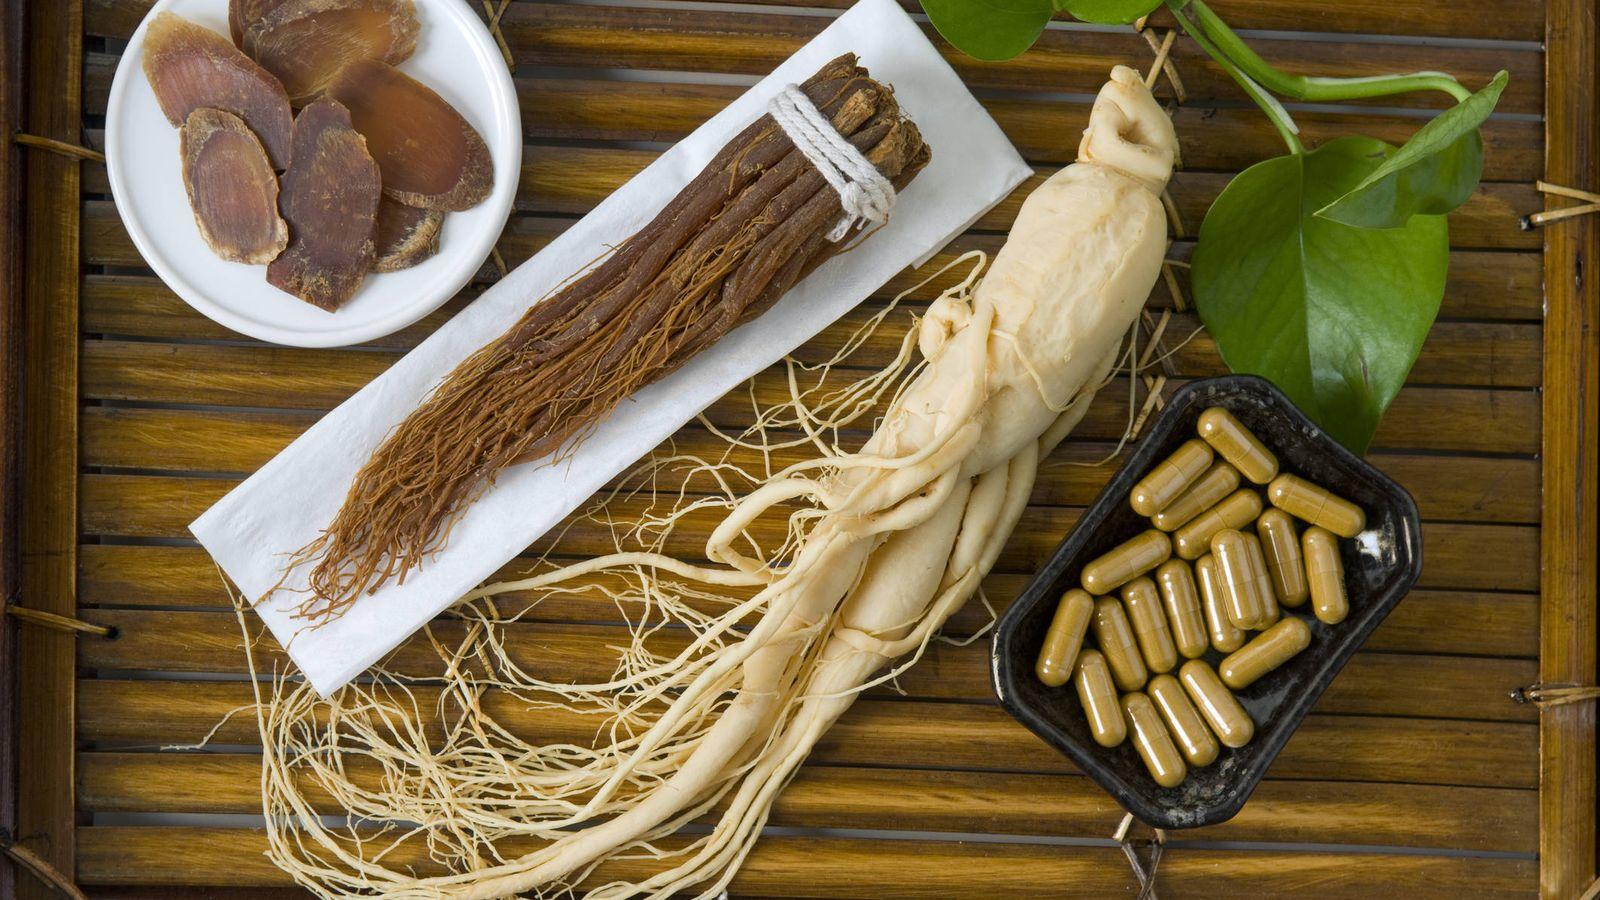 Foto: Ginseng, en raíz, rebanadas y cápsulas. (iStock)